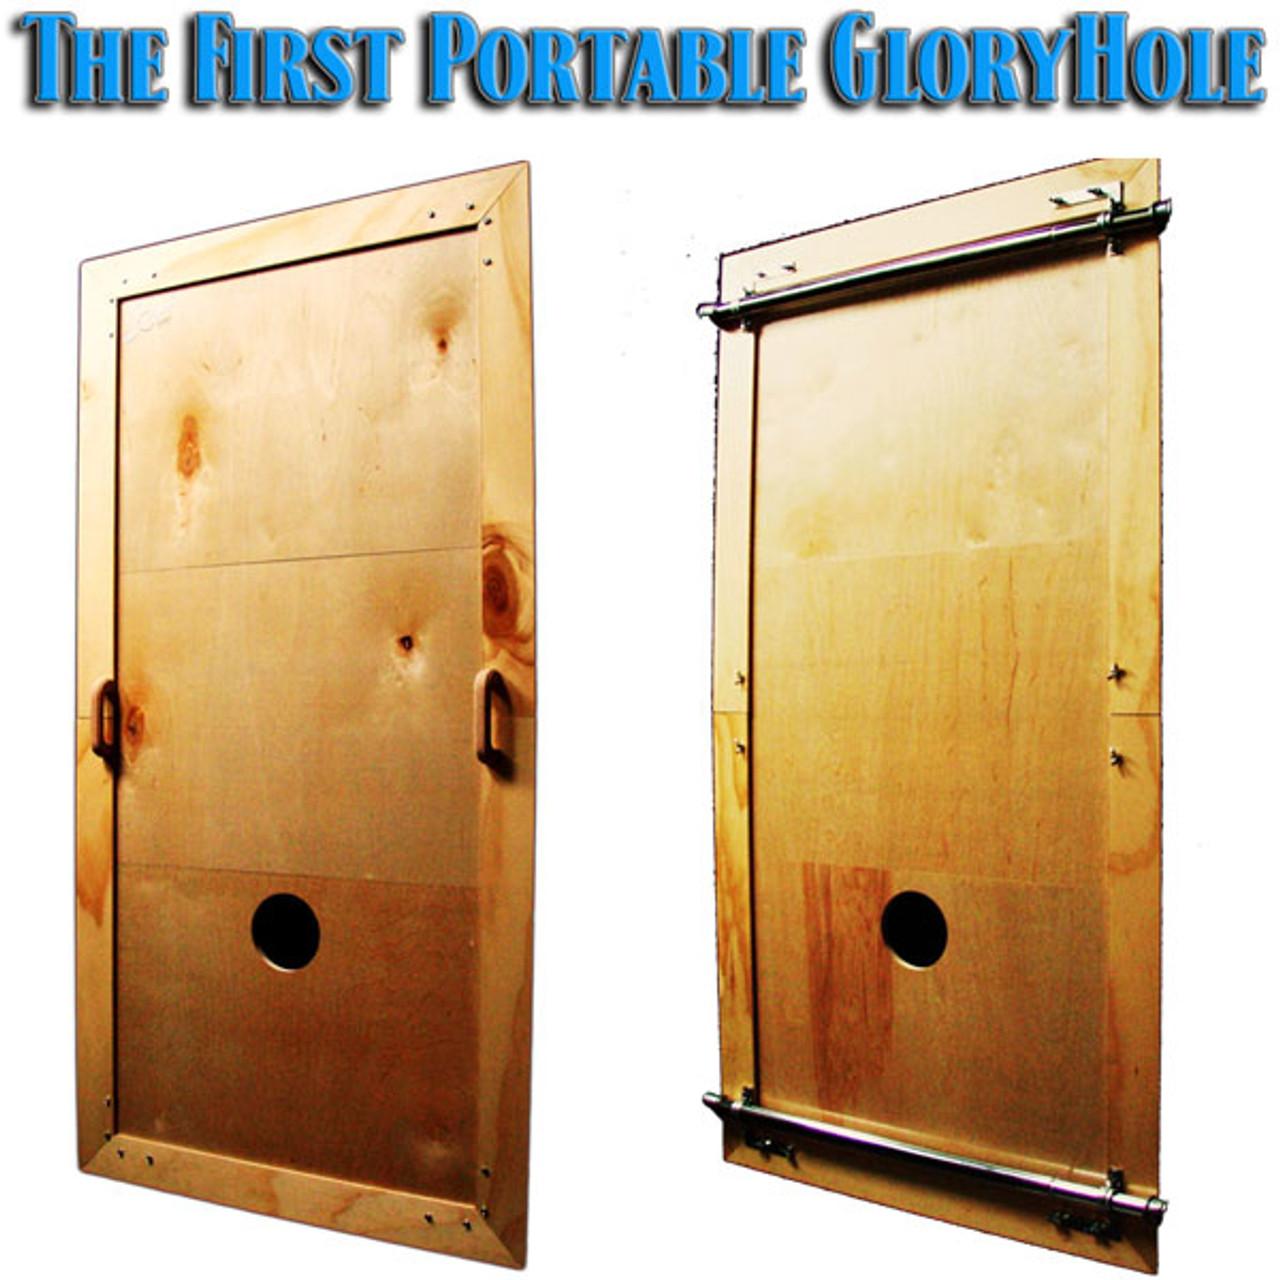 Porta glory hole